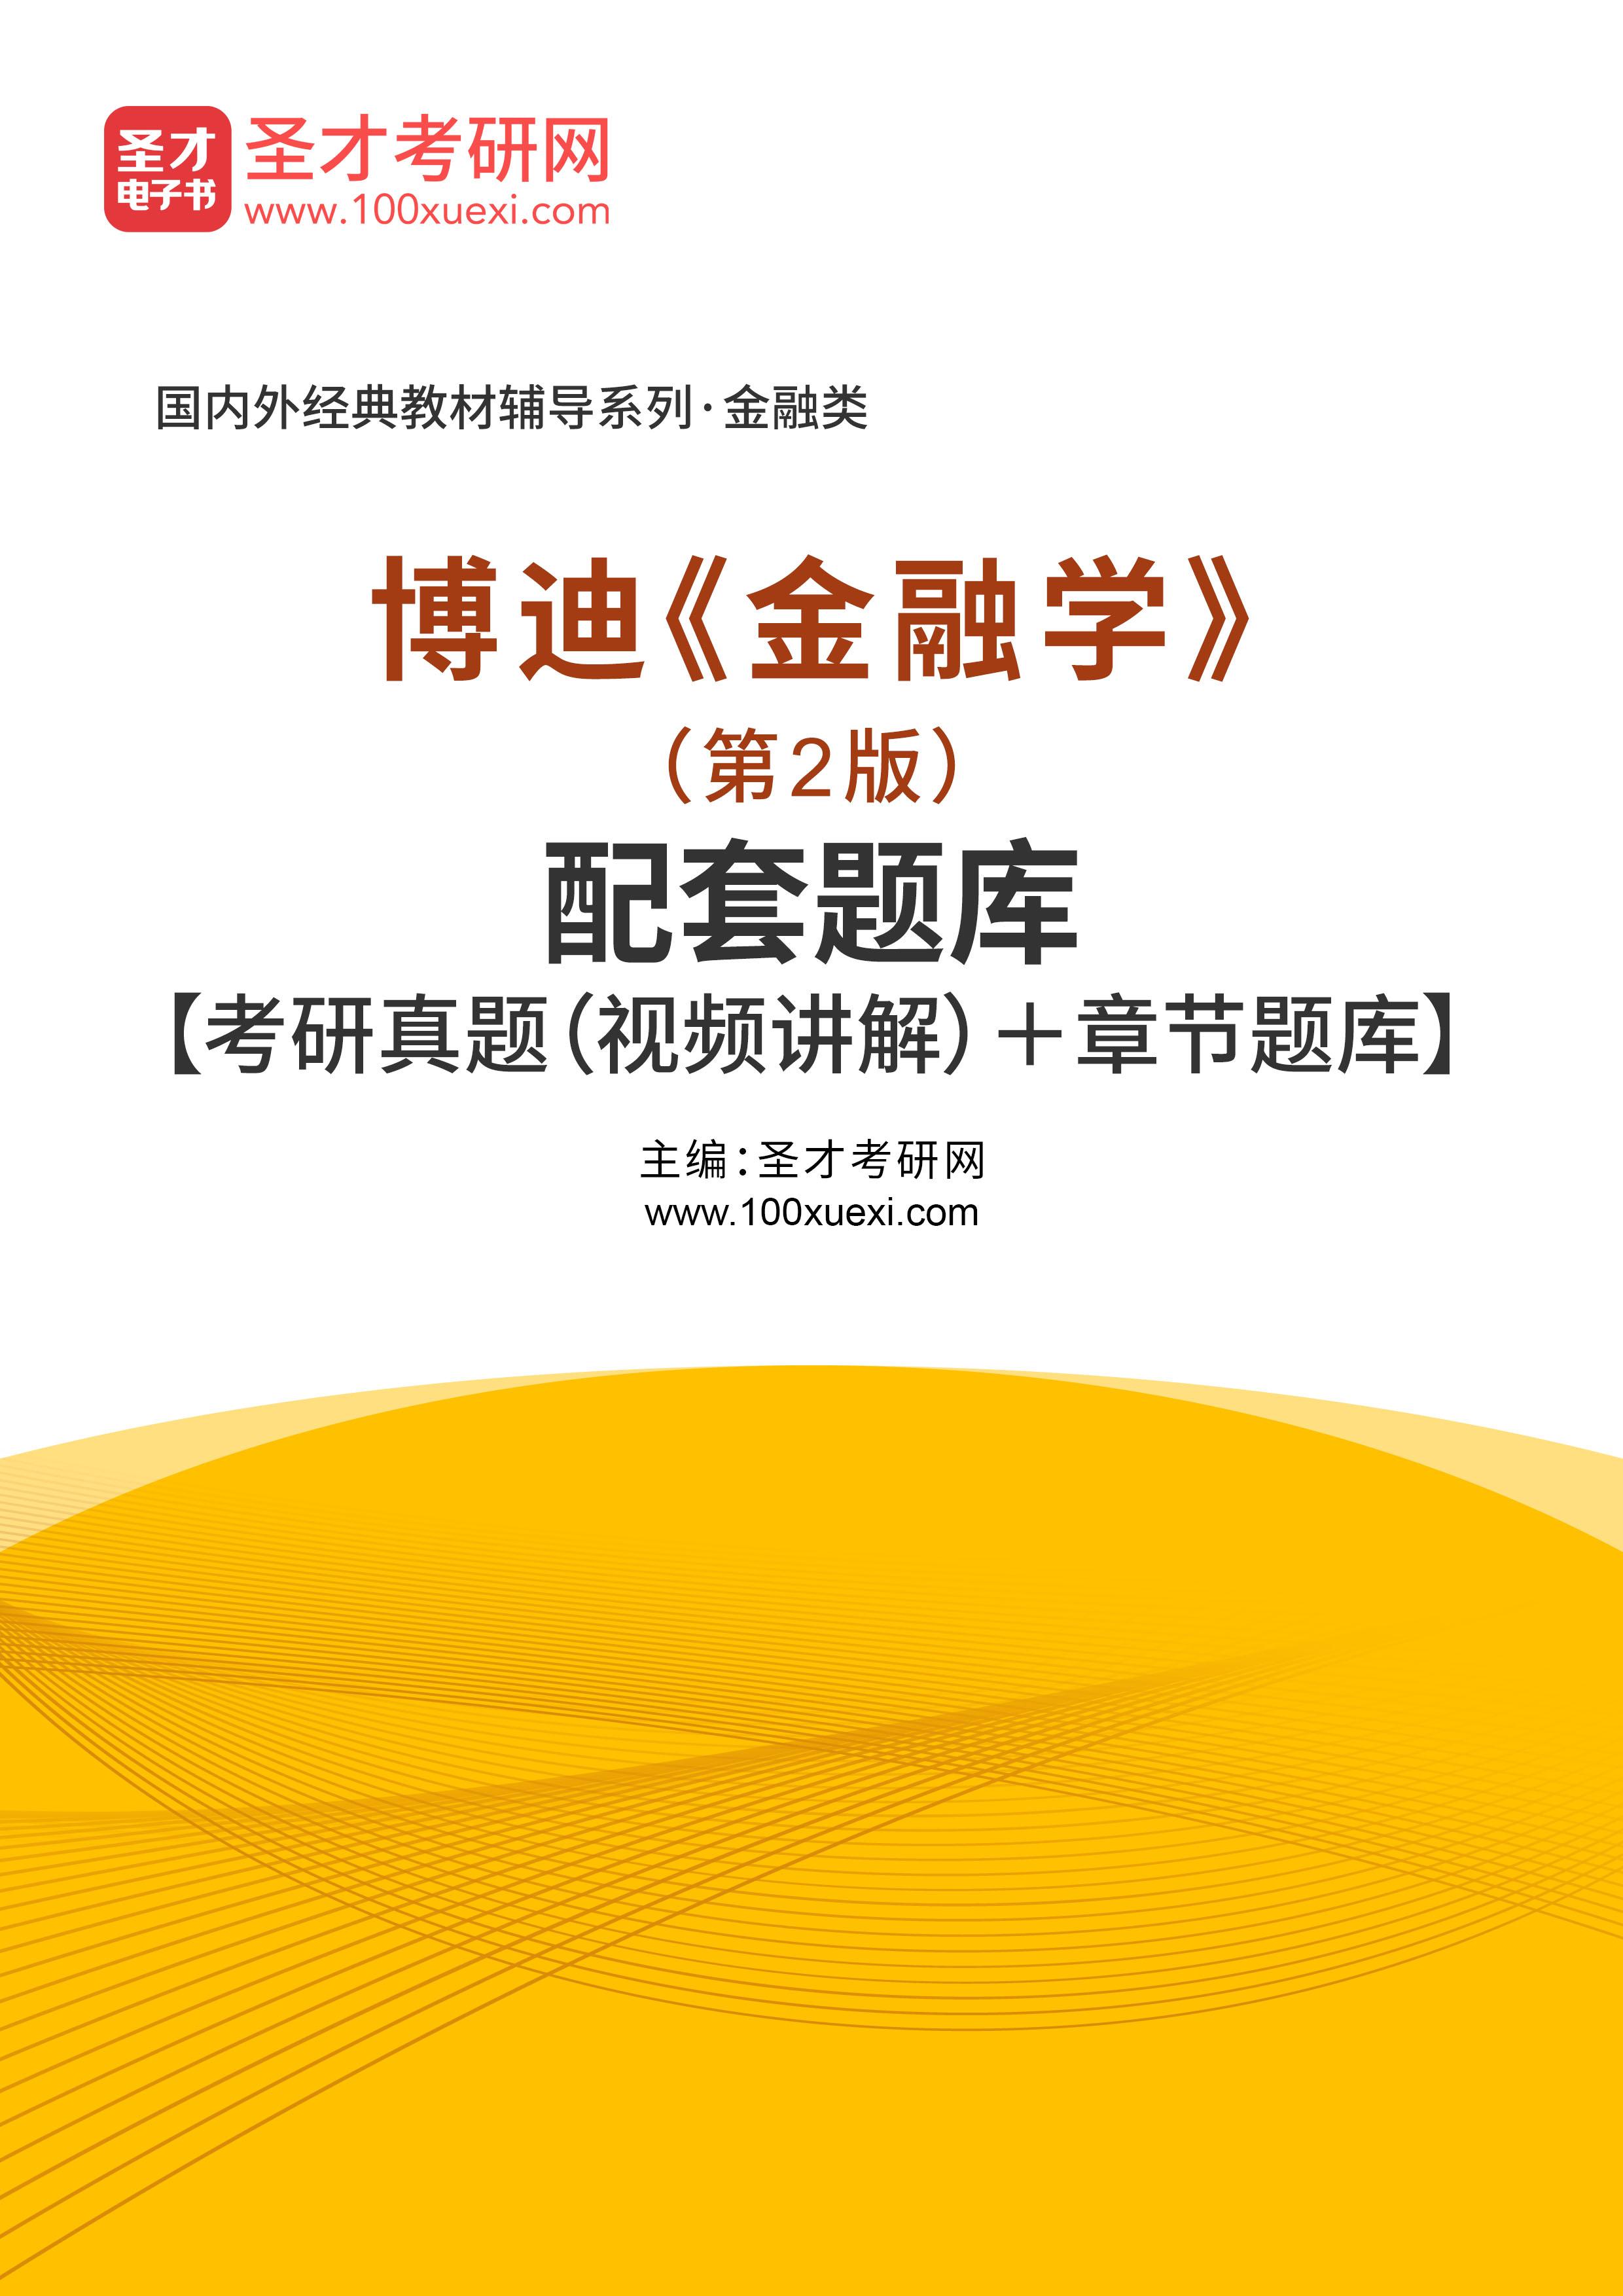 博迪《金融学》(第2版)配套题库【考研真题(视频讲解)+章节题库】